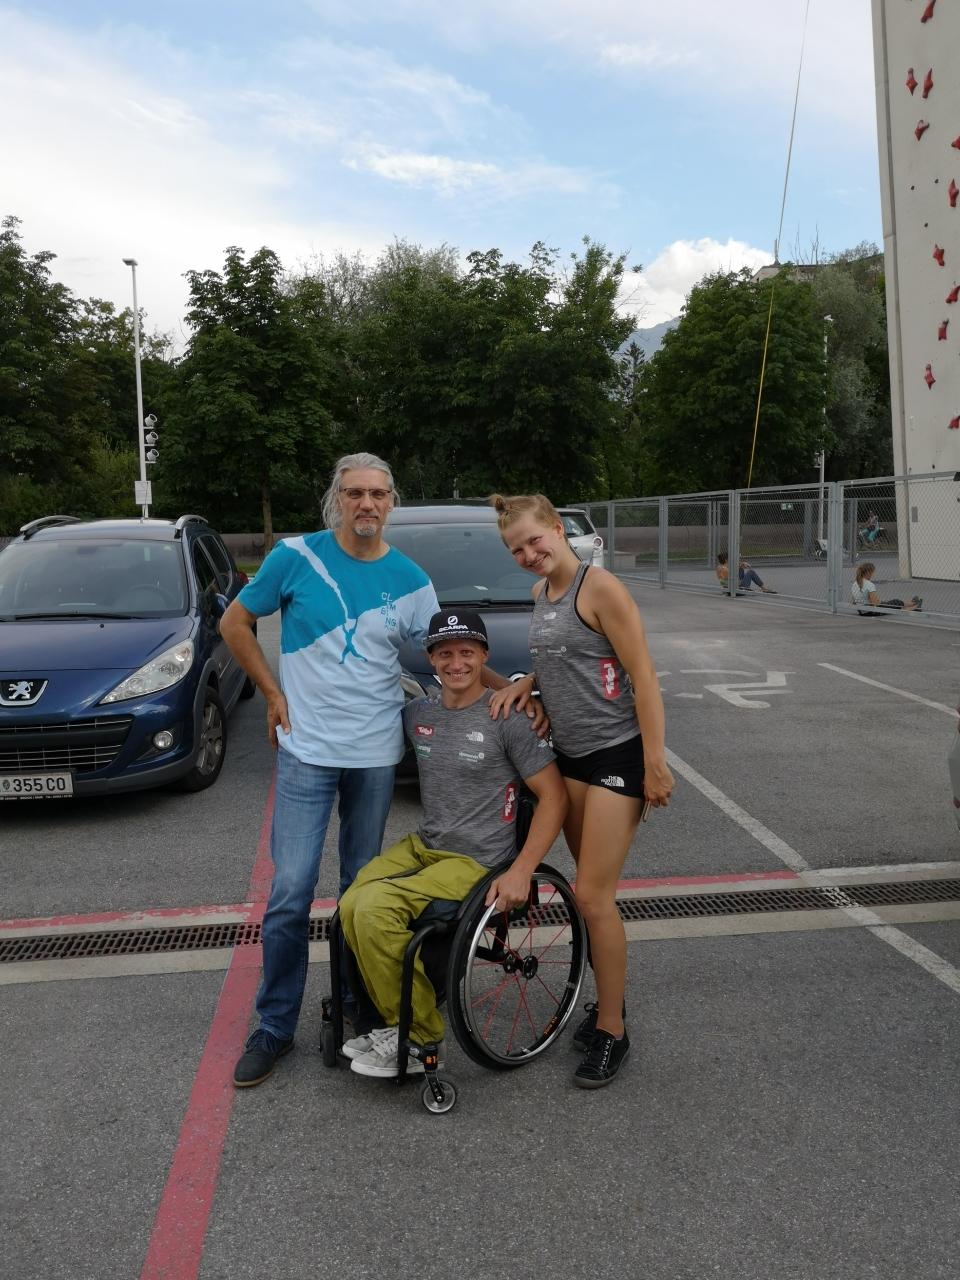 Trainingslager Kletterhalle Innsbruck Juli 2019 05.07.2019